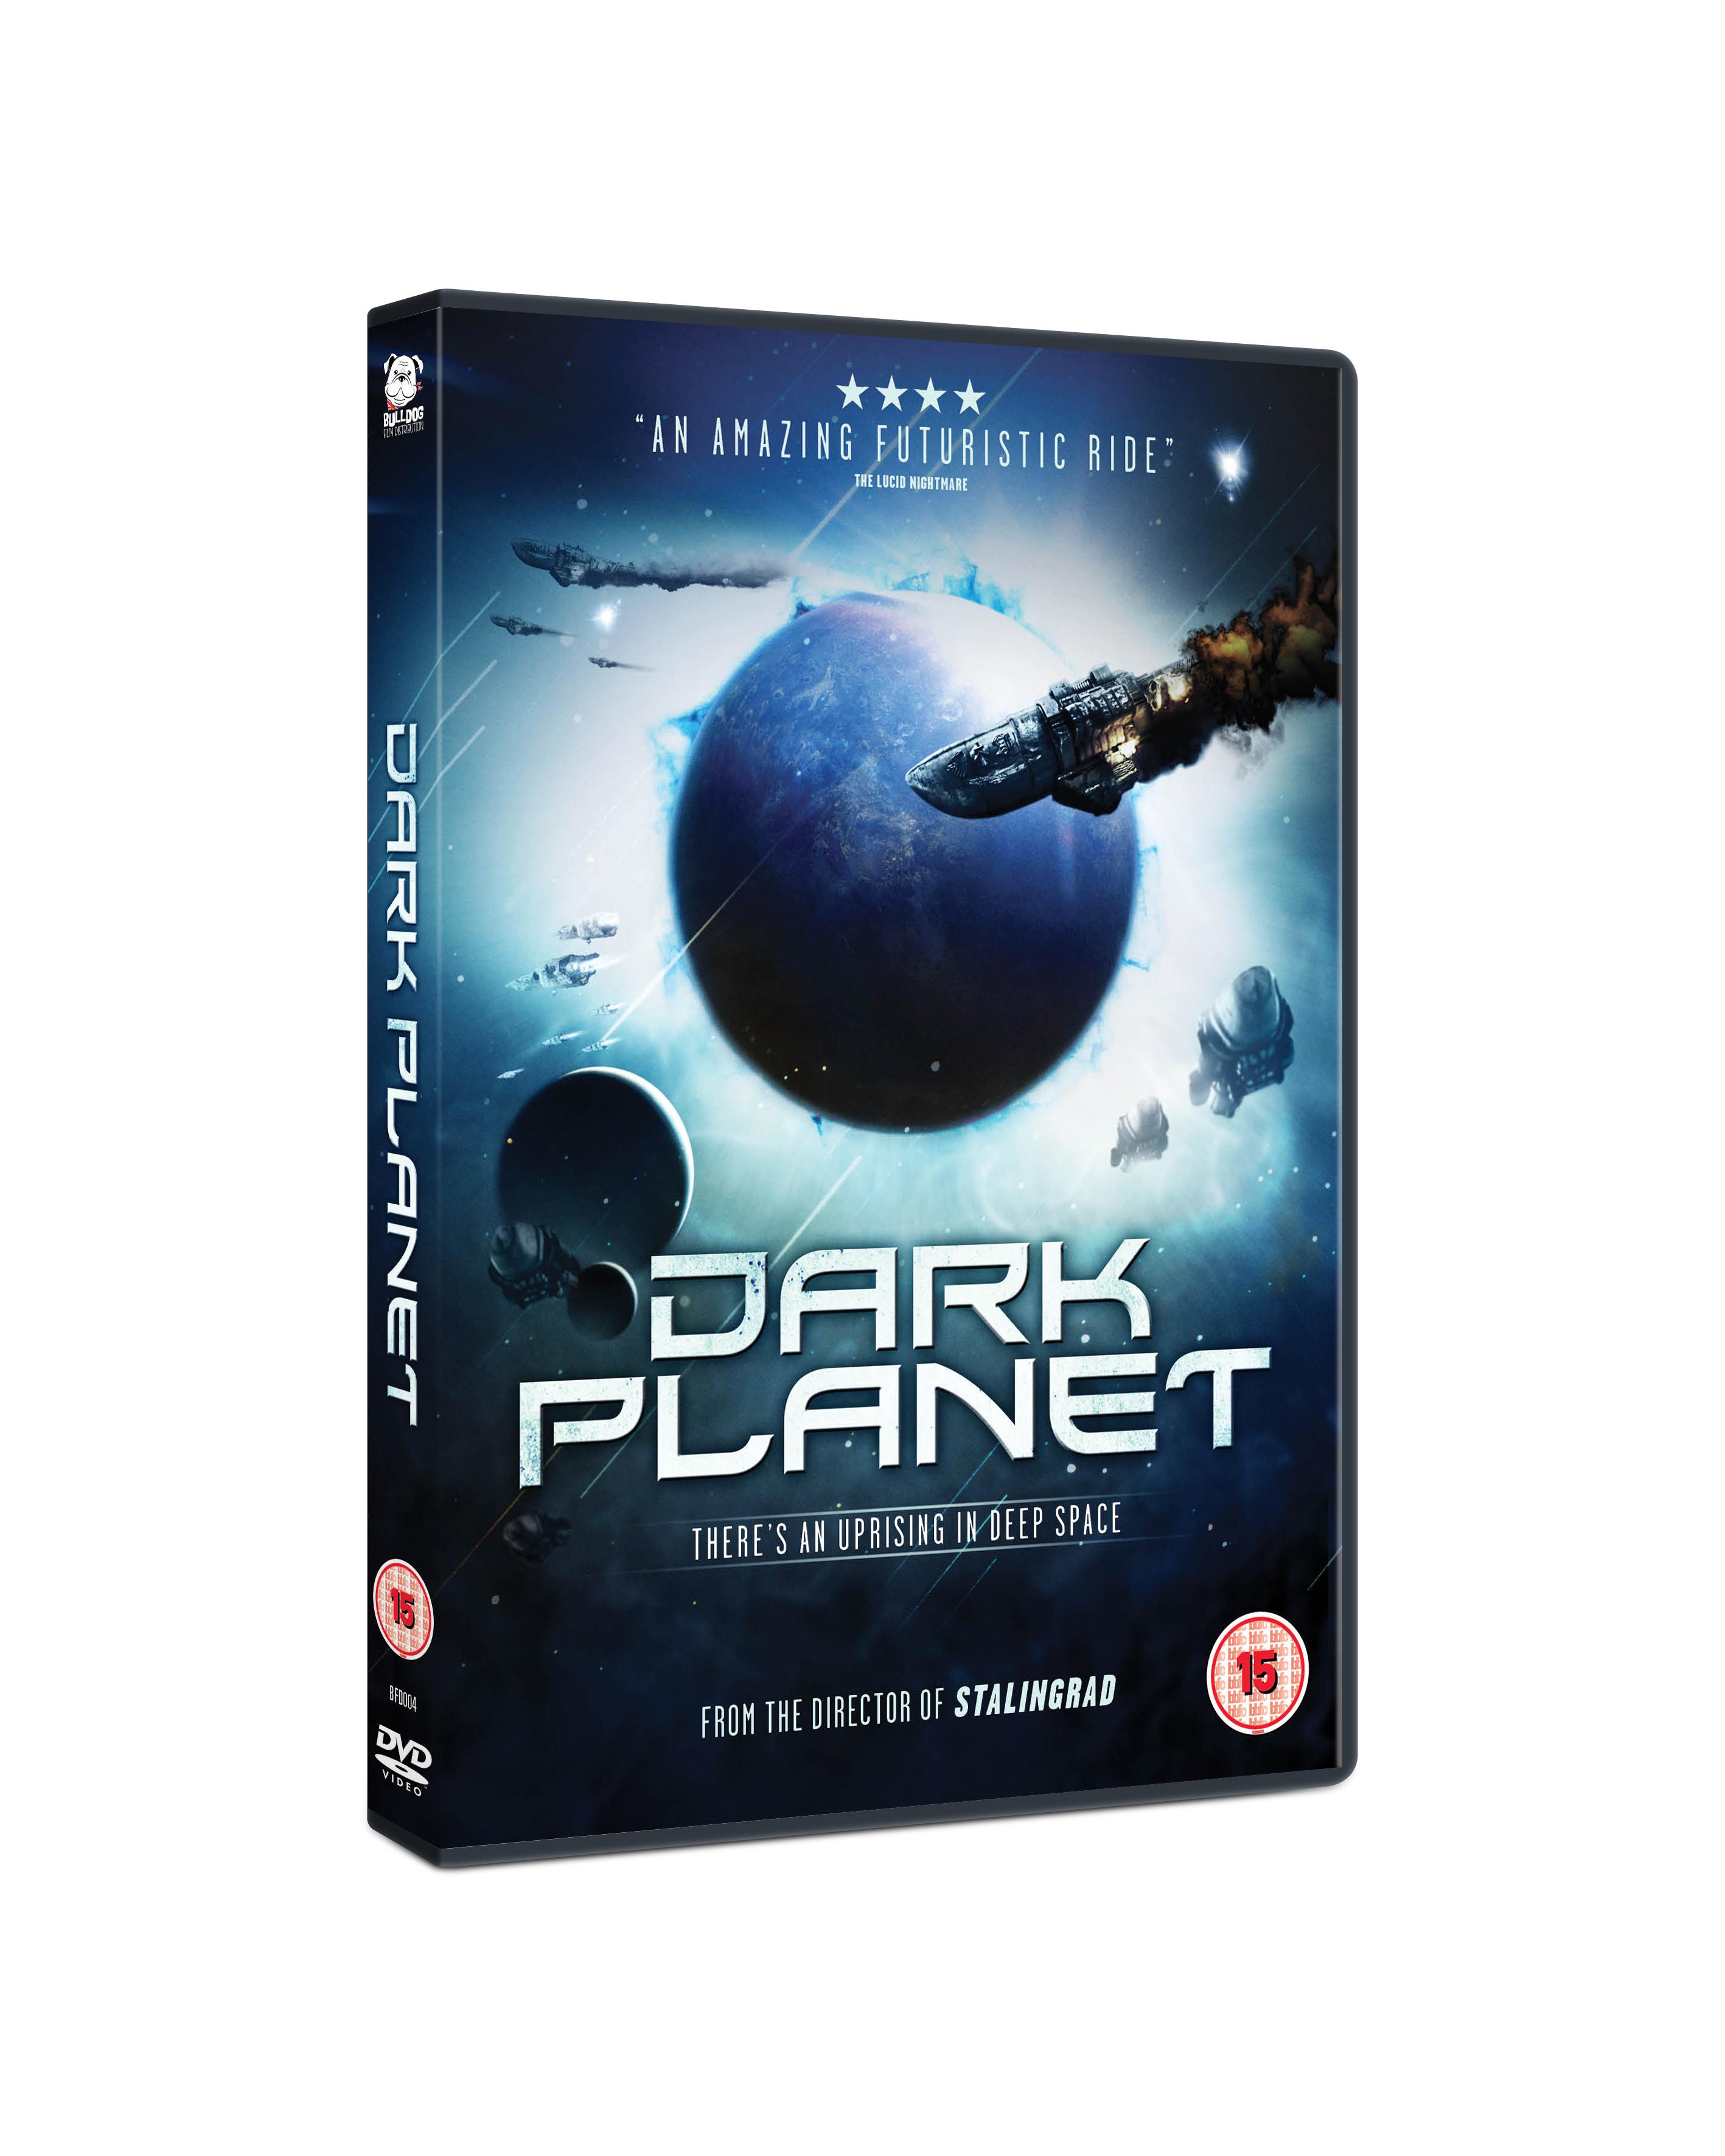 Dark Planet DVD - The Inhabited Island